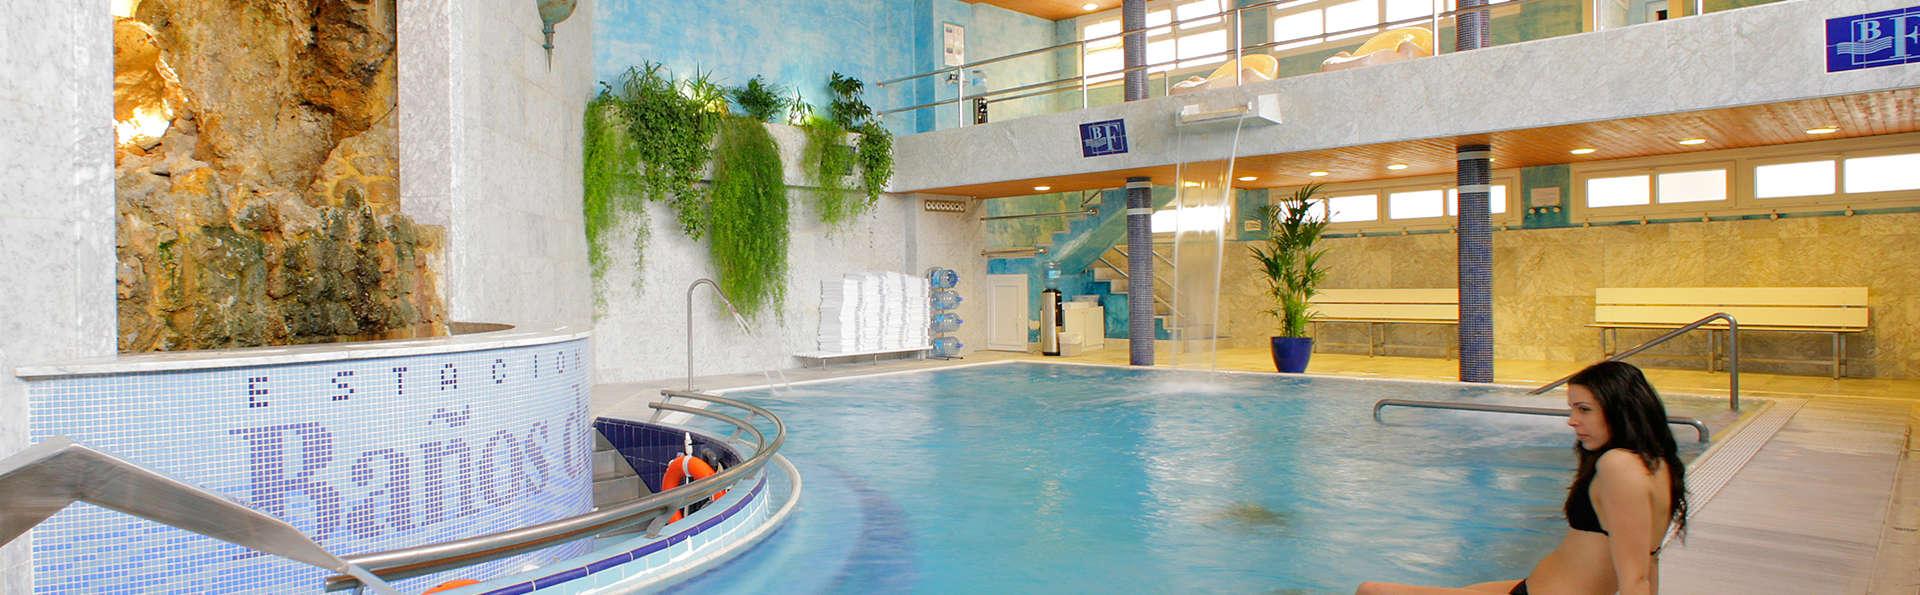 Escapade détente dans Baños de Fitero, avec circuit thermal et accès à la piscine extérieure